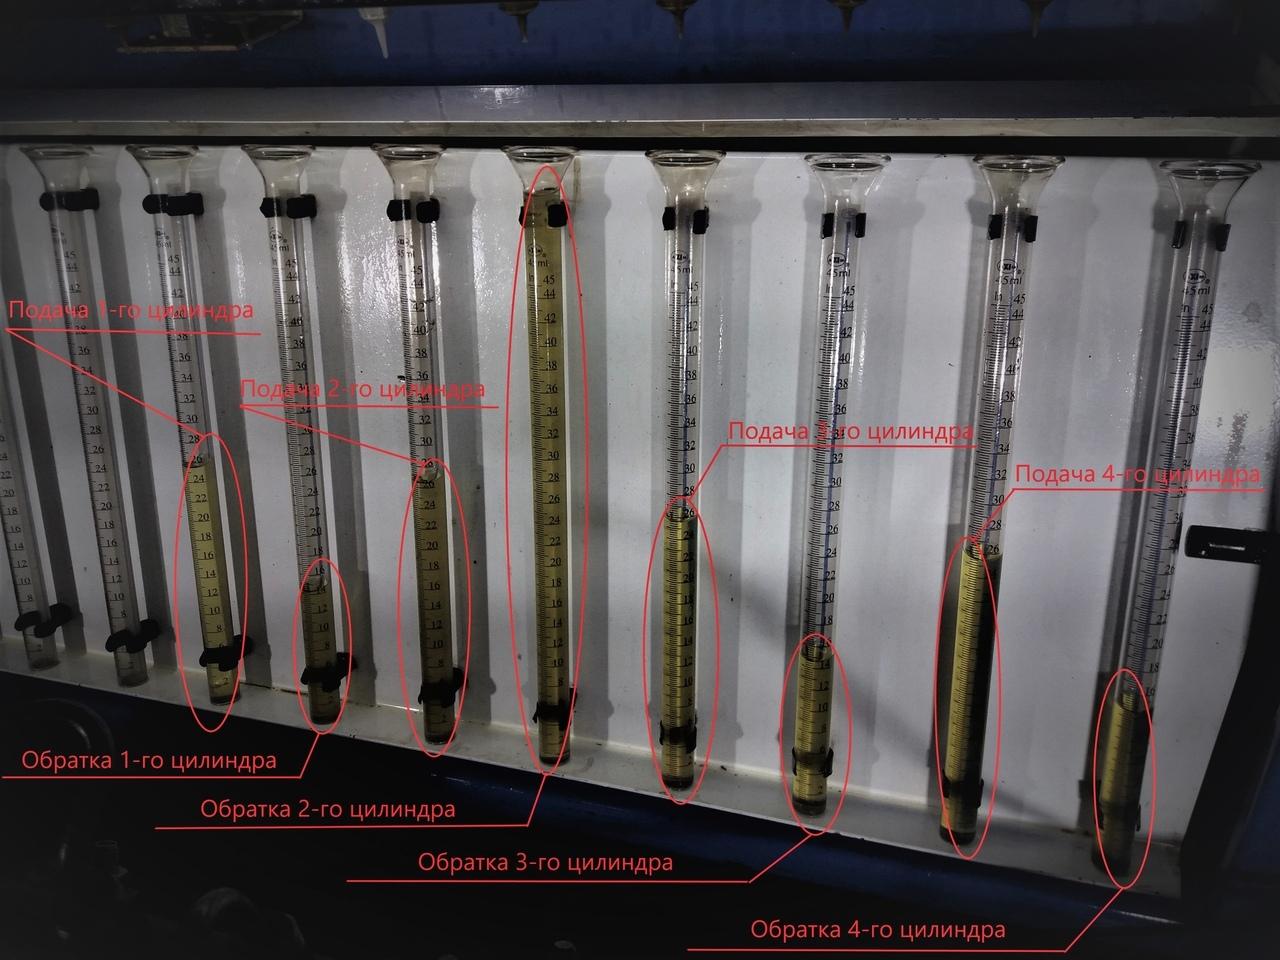 Каждая форсунка, которая попадает к нам на ремонт первоначально проходит проверку по параметрам налива на стенде. Данный тест показывает отклонения от номинальных параметров налива форсунки Common Rail. И в случае выявления отклонений – производится ремон